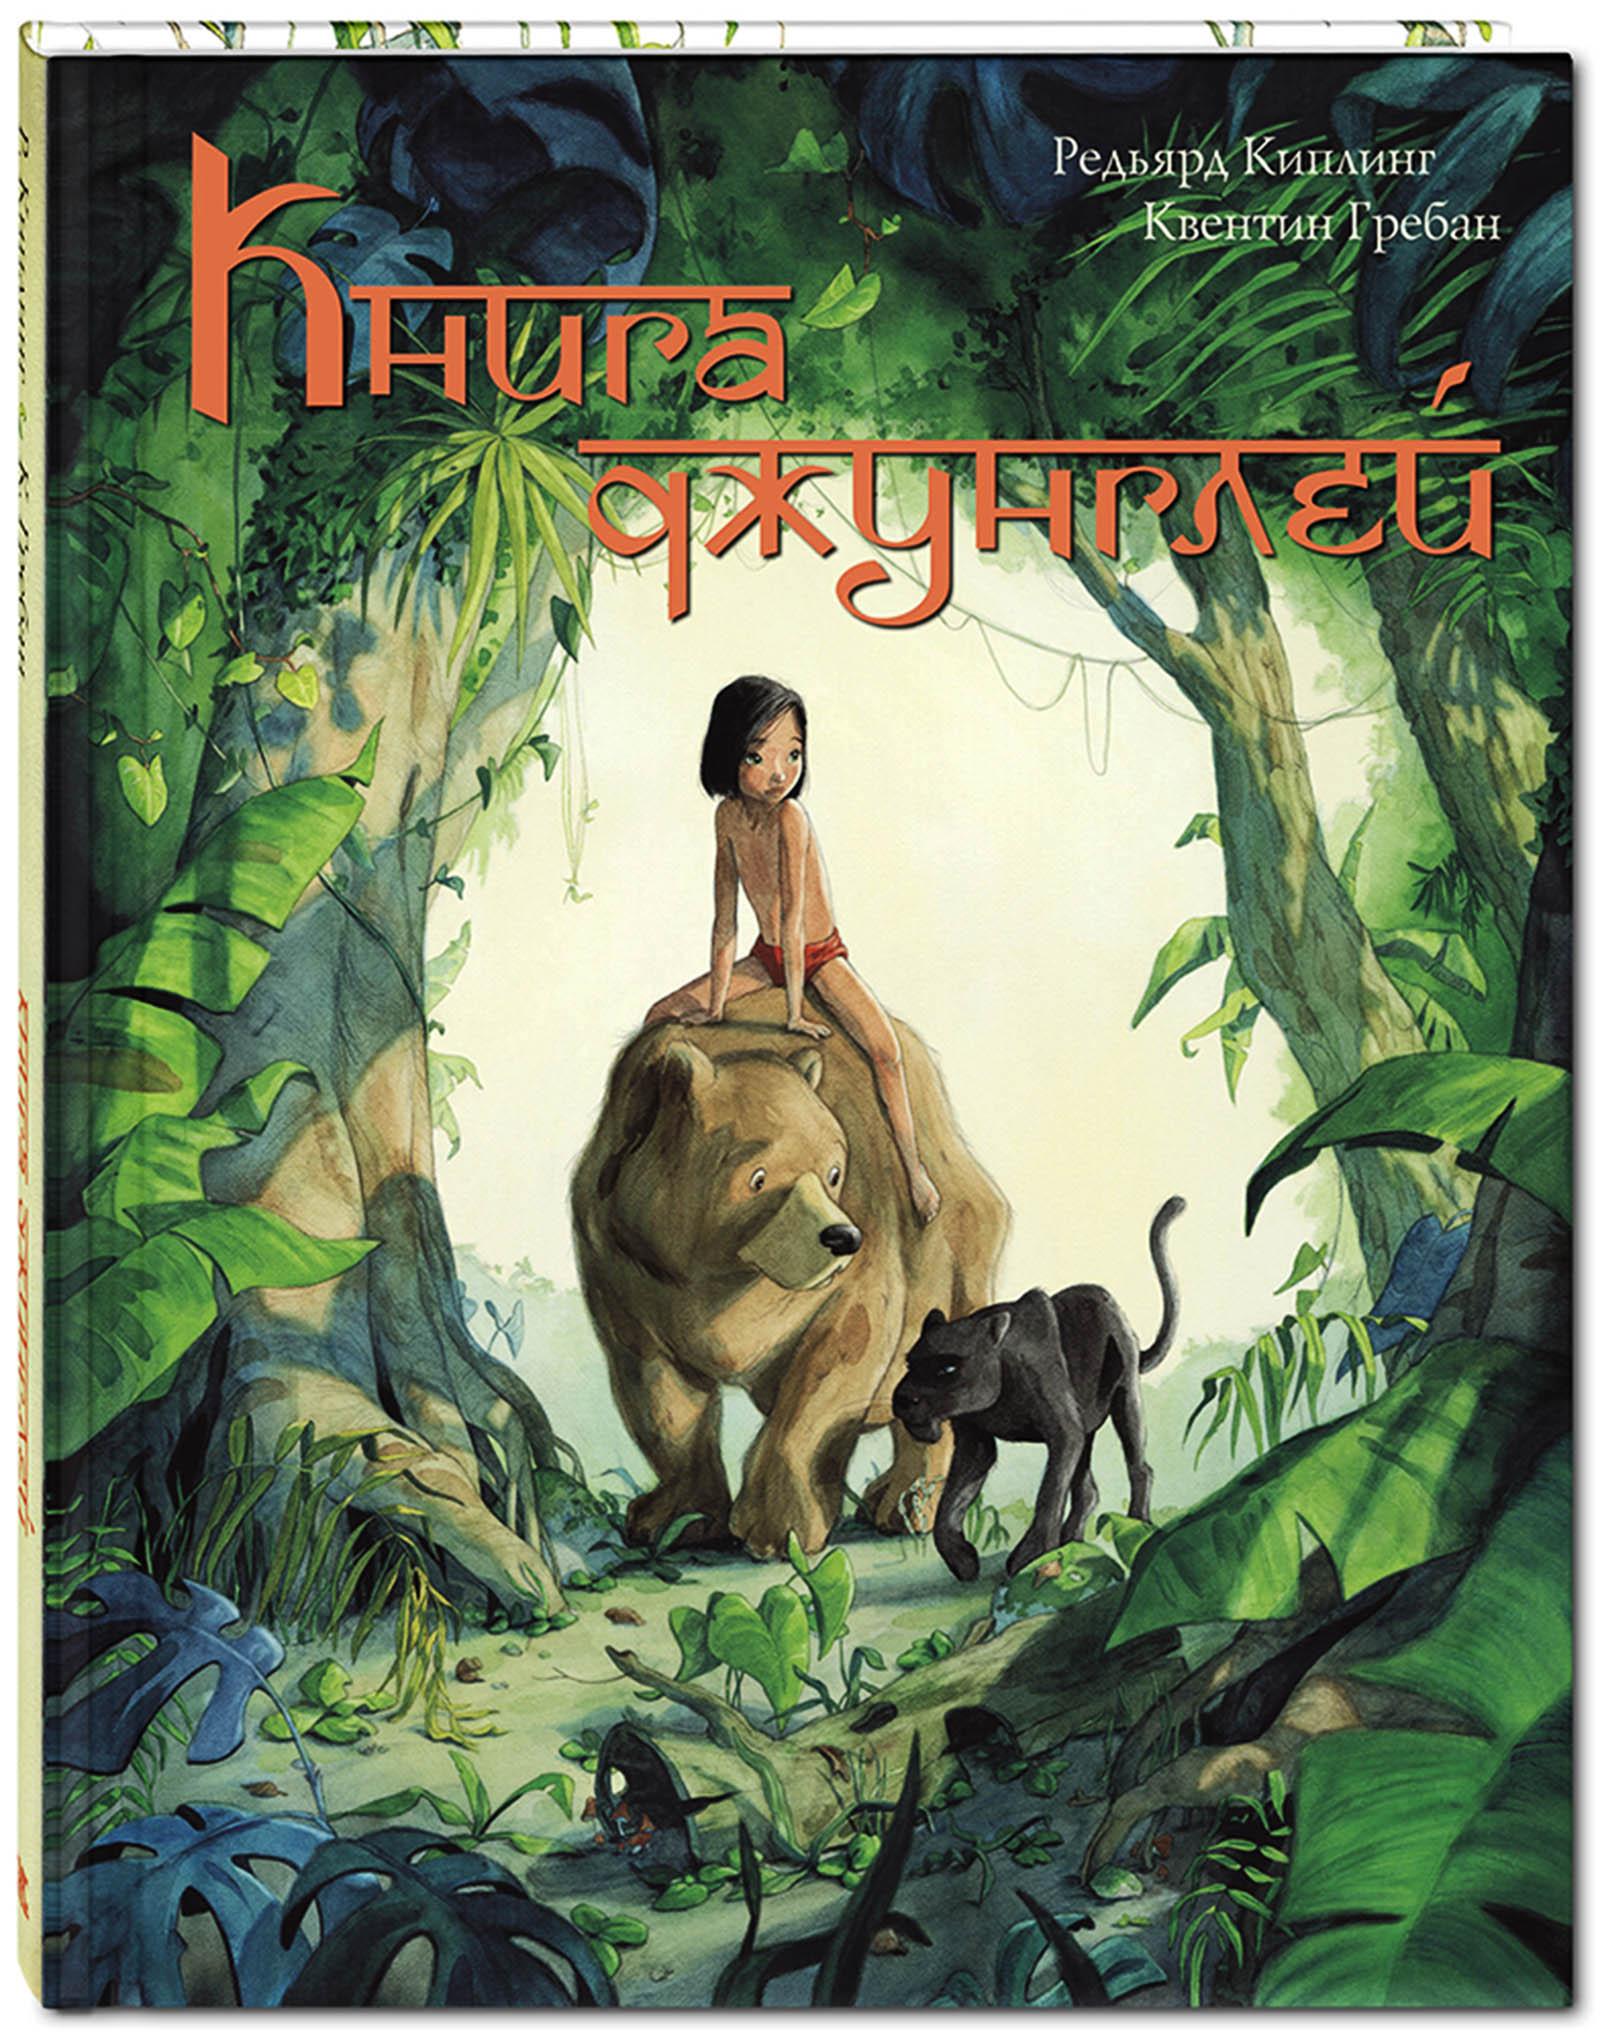 Редьярд Киплинг Книга джунглей. История Маугли книга джунглей маугли 2018 11 01t16 00